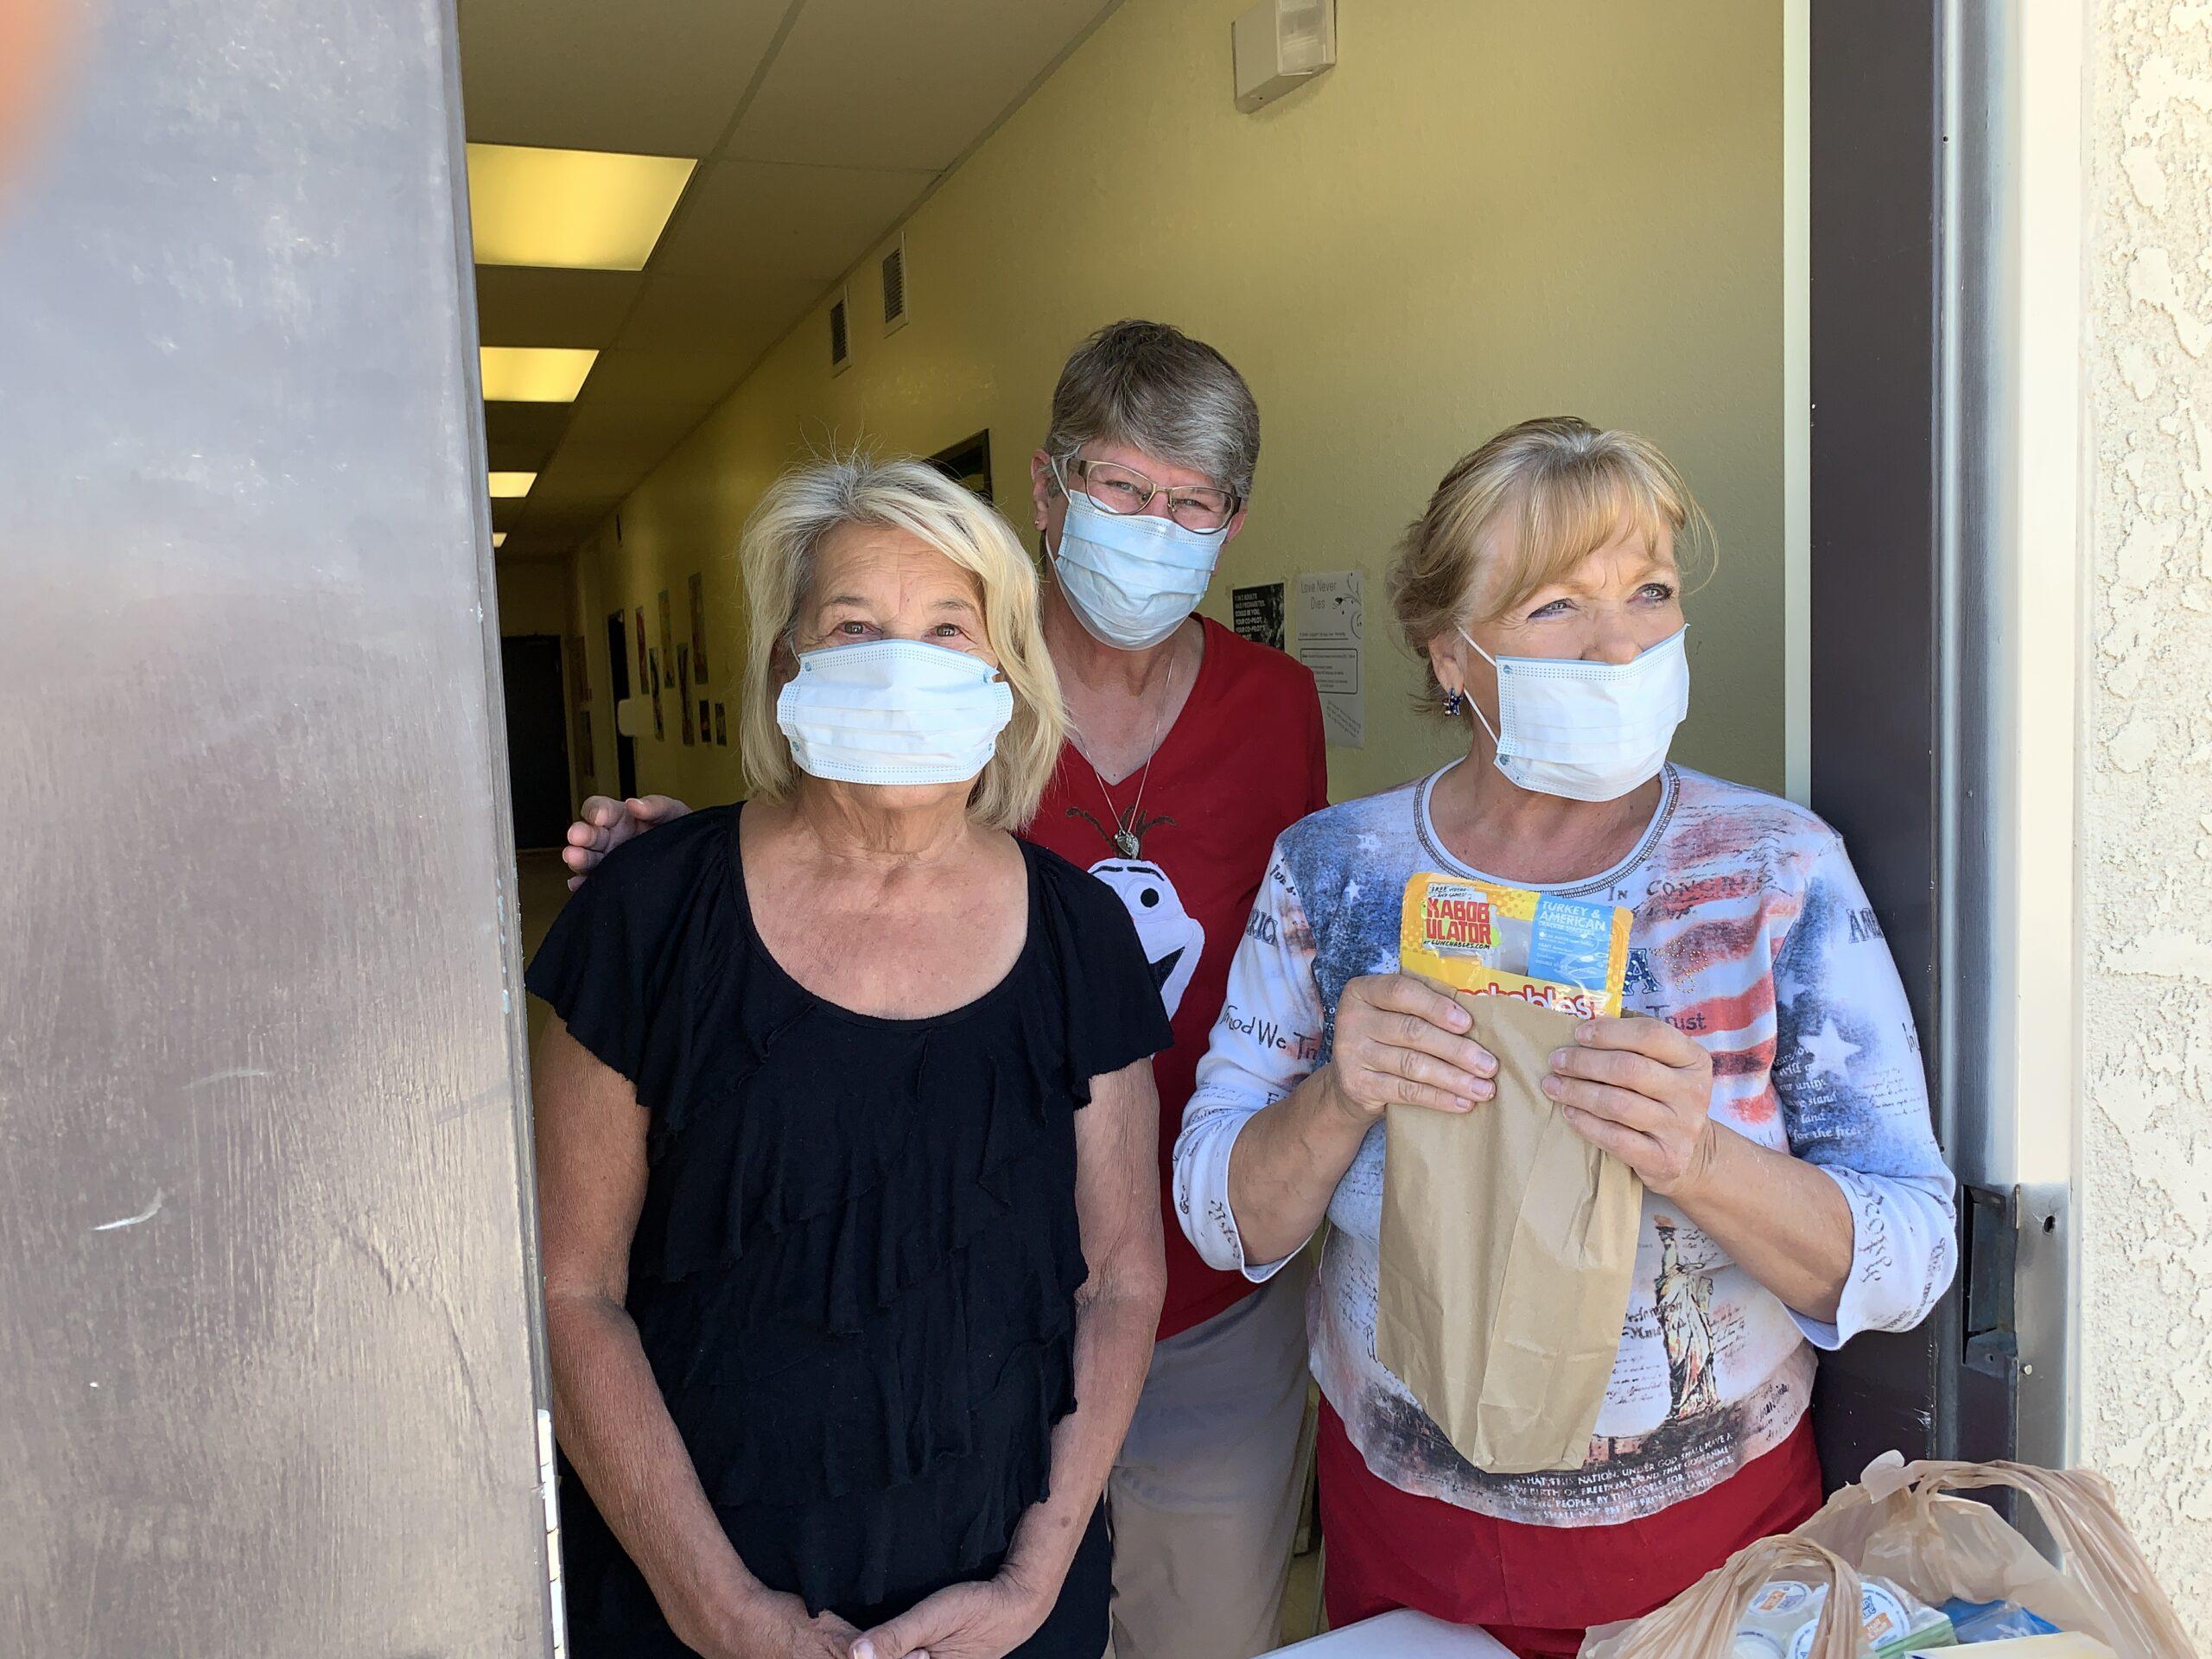 Volunteers at the Food Pantry